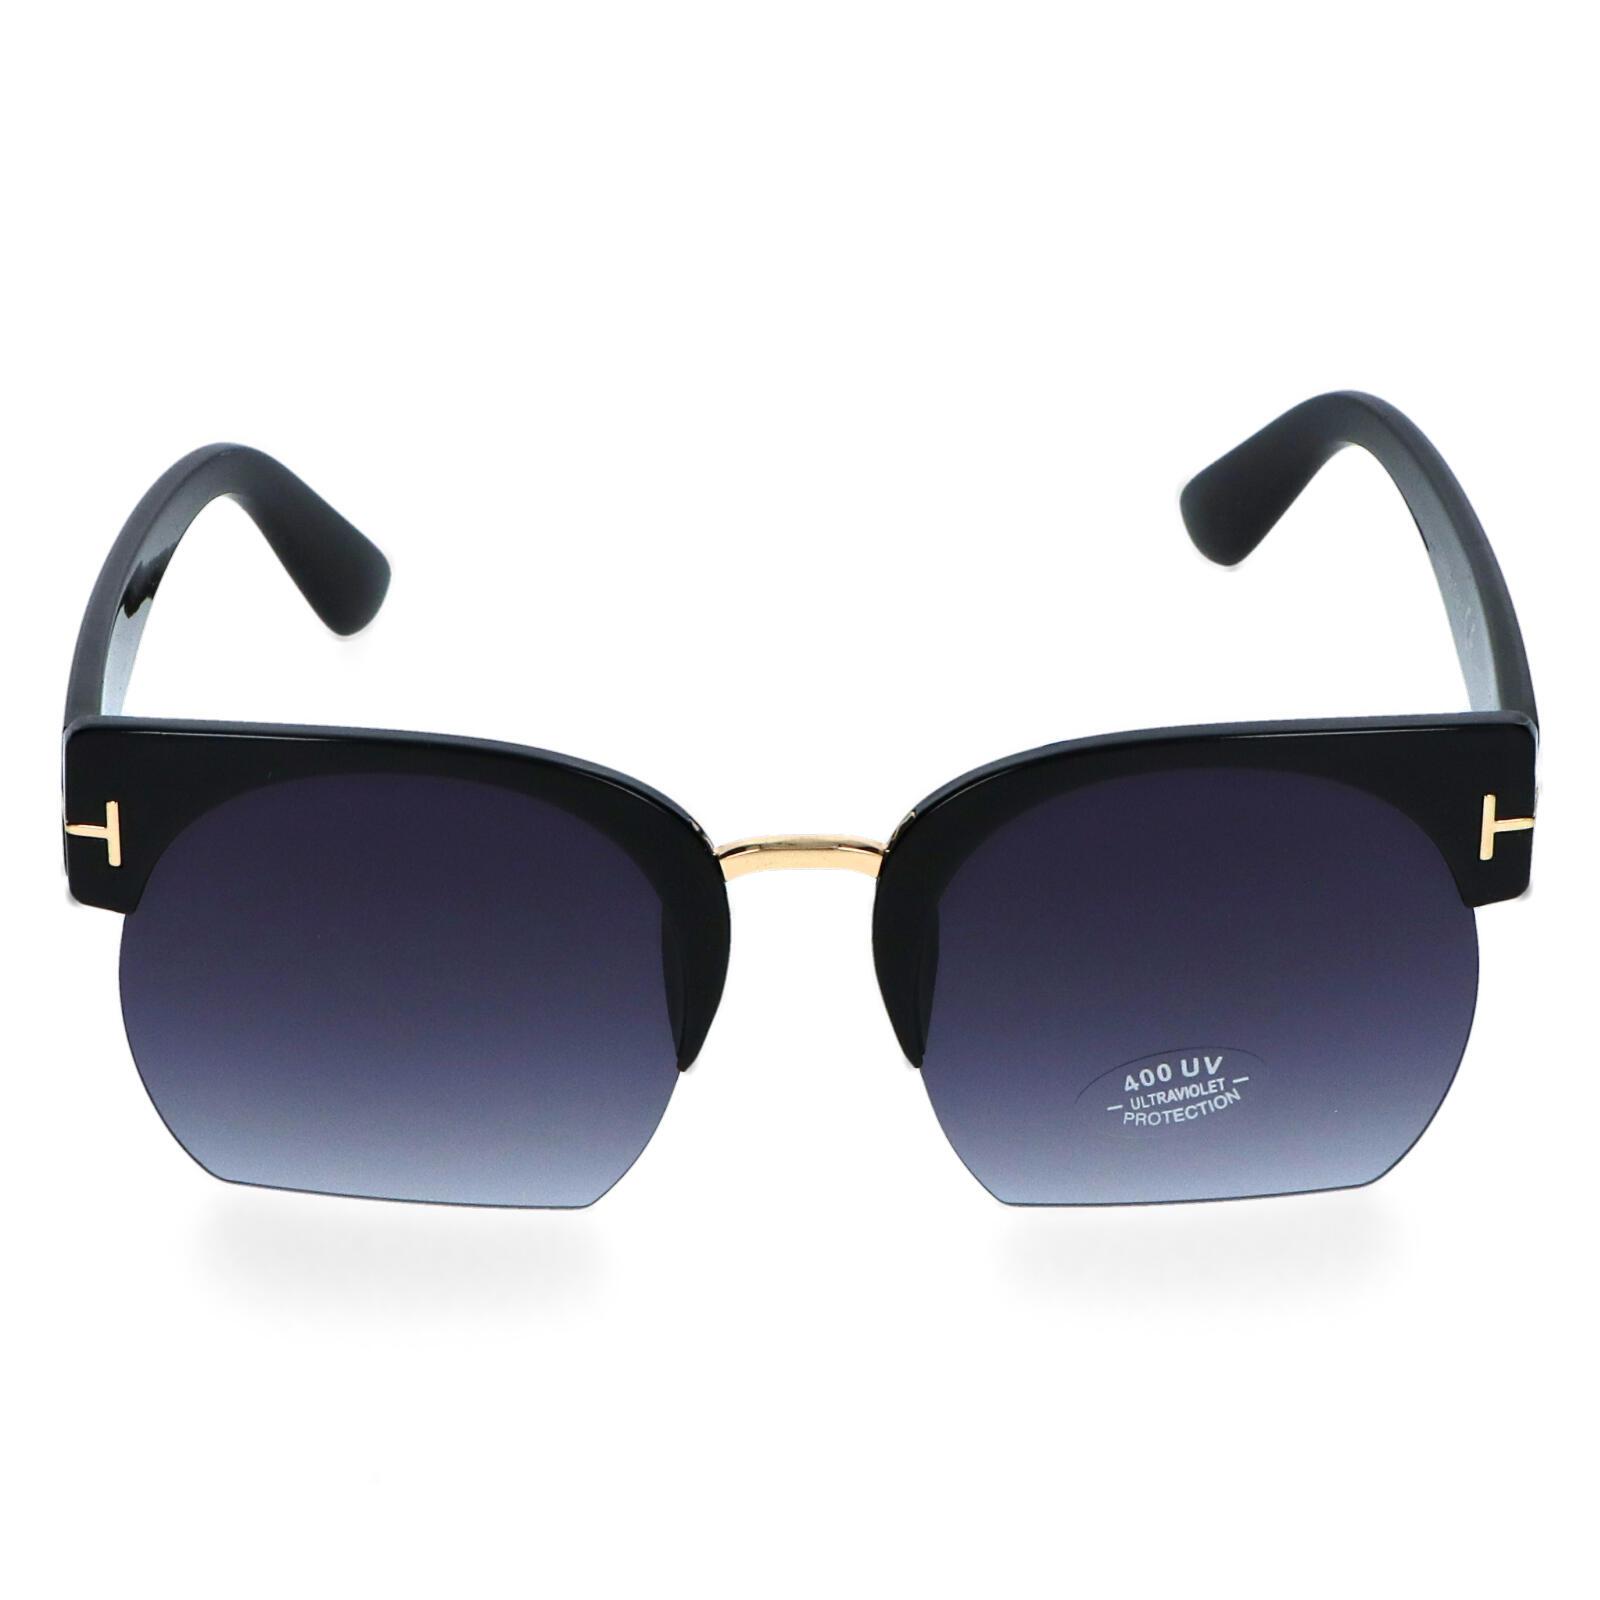 Dámske slnečné okuliare čierne - E5288